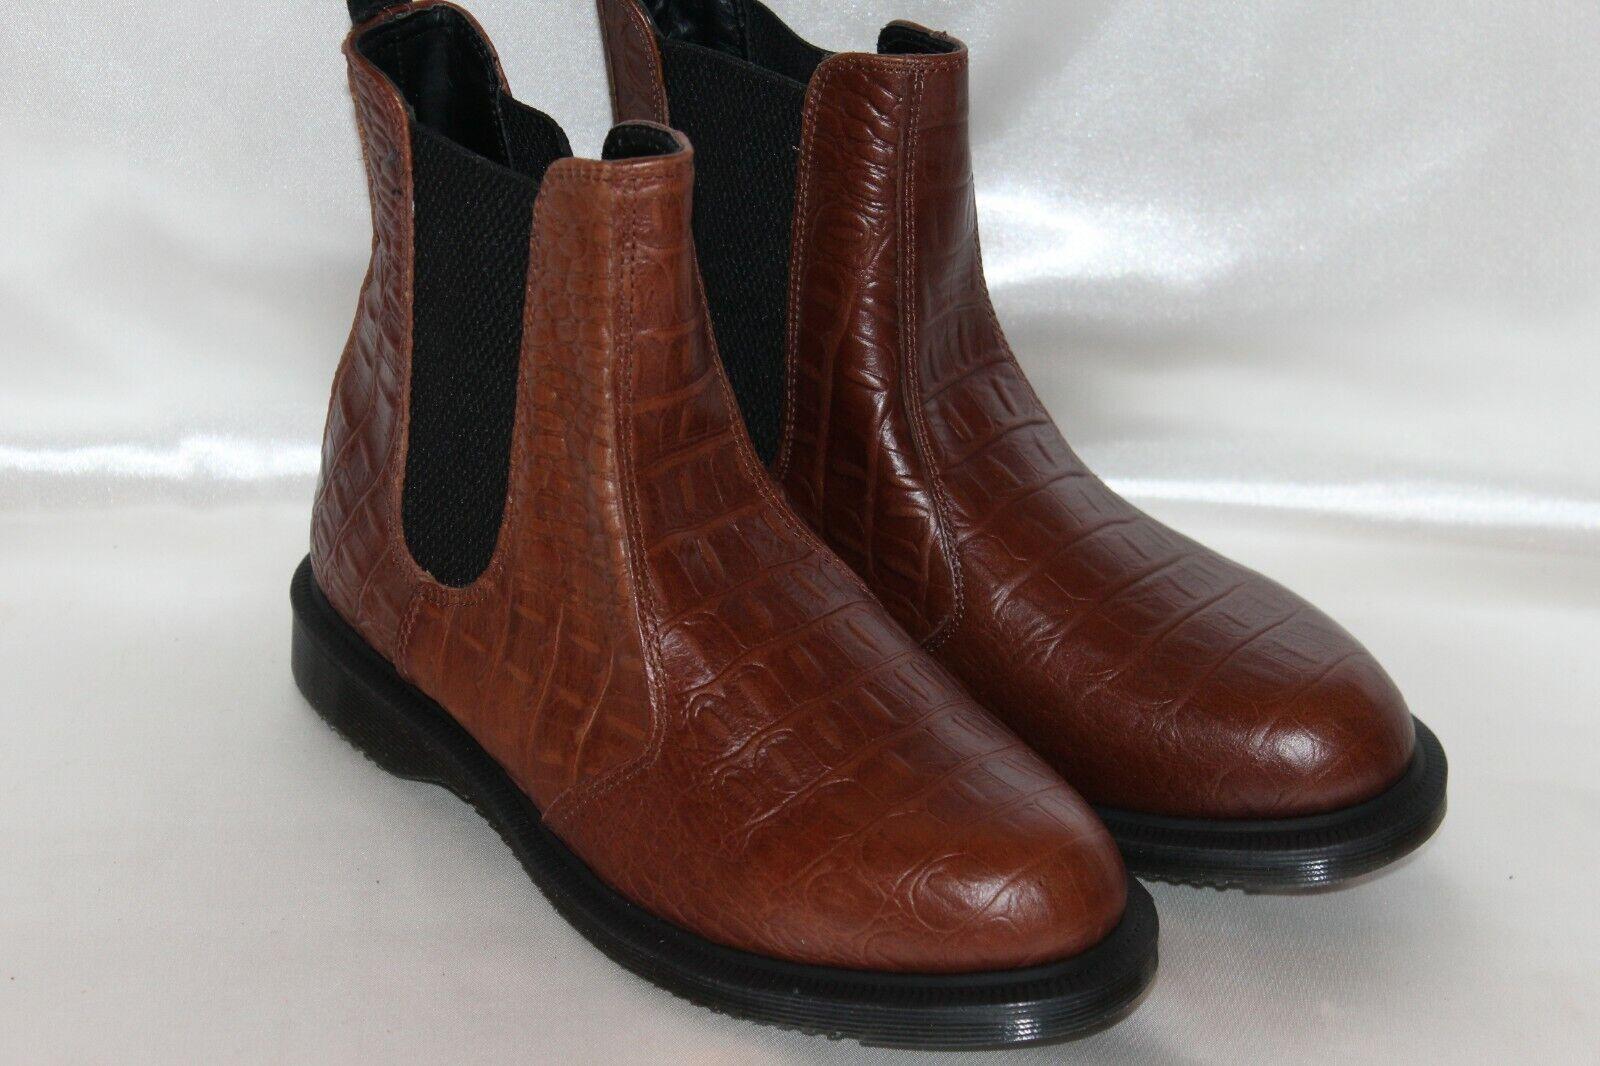 NEW  DR DOC MARTENS Brown Croc Croc Croc Embossed Leather FLORA Chelsea Boots Sz 8 EU39 f17eb9